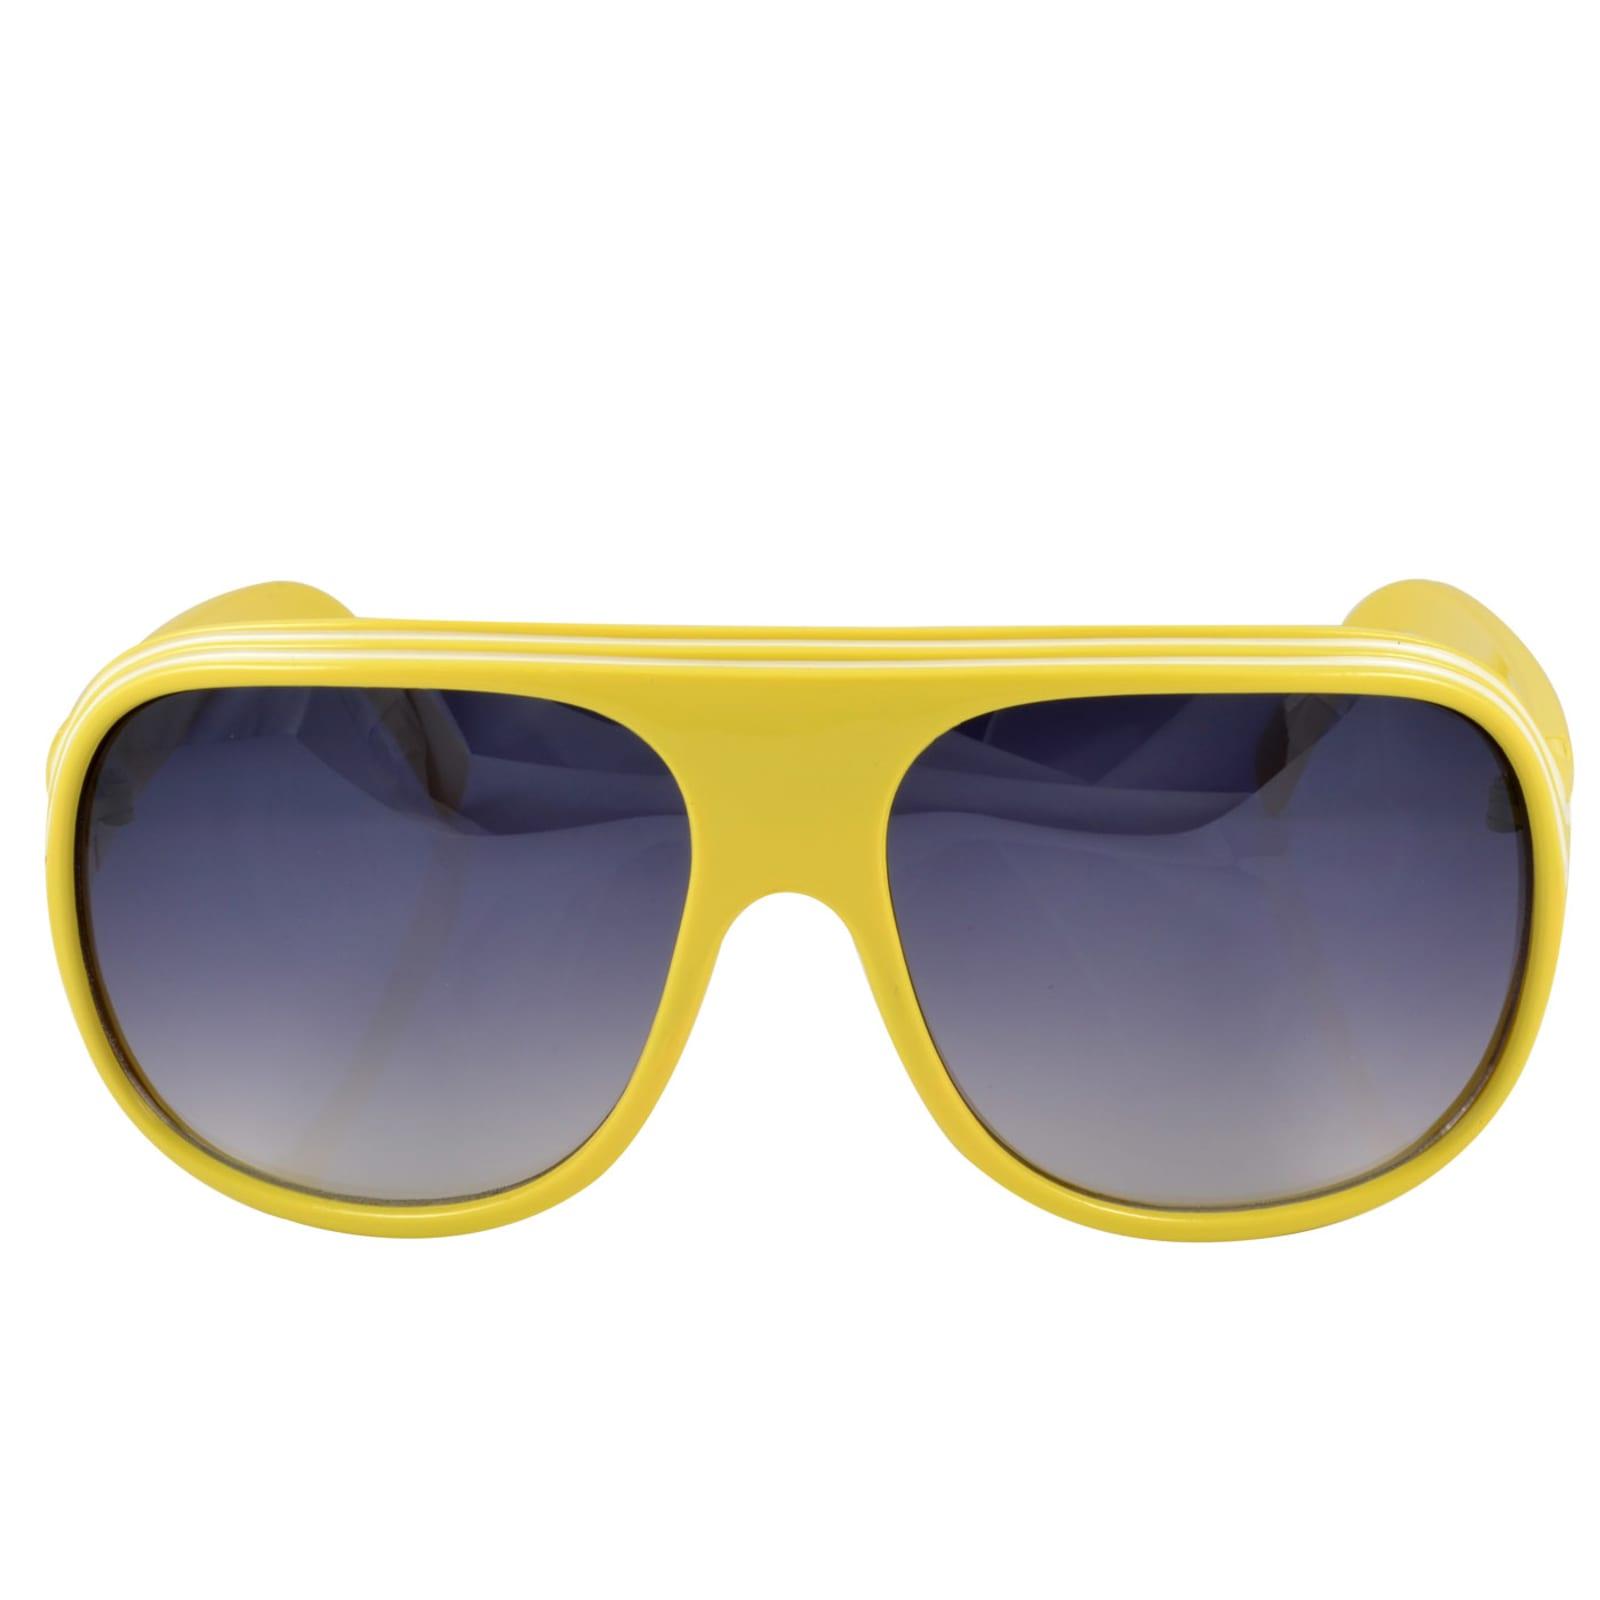 7554fda46 Žlté slnečné okuliare Millionaire Style   Na sklade!